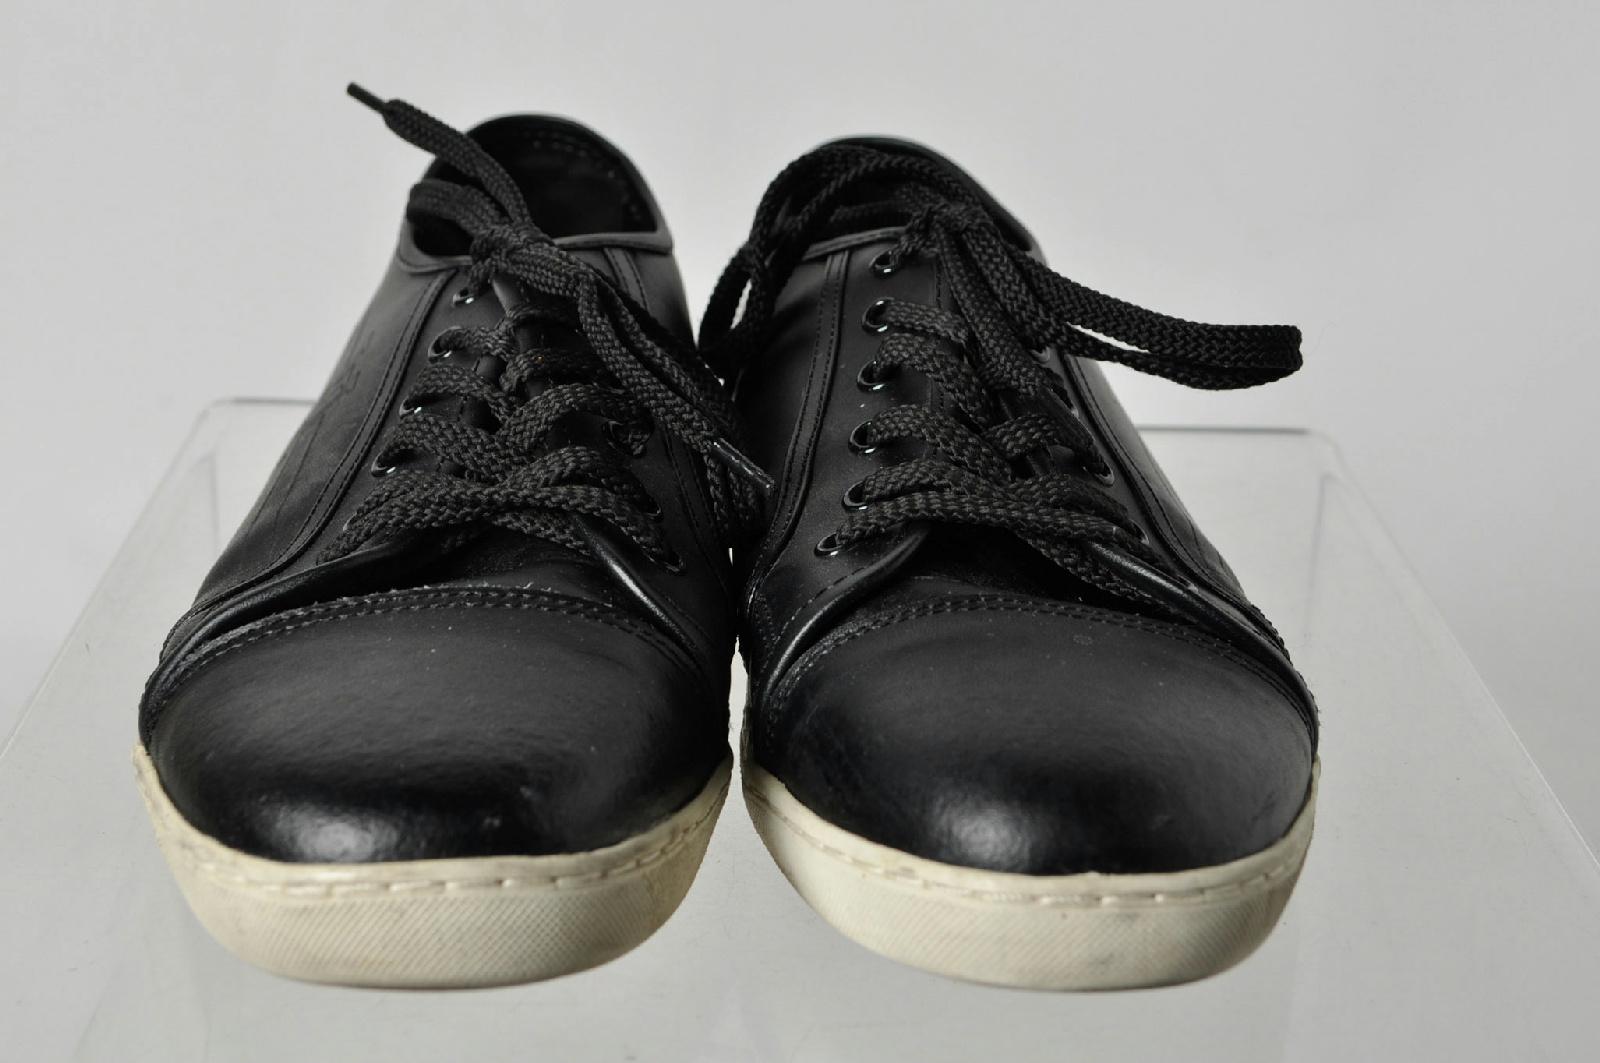 louis vuitton black low top laces s casual shoes size